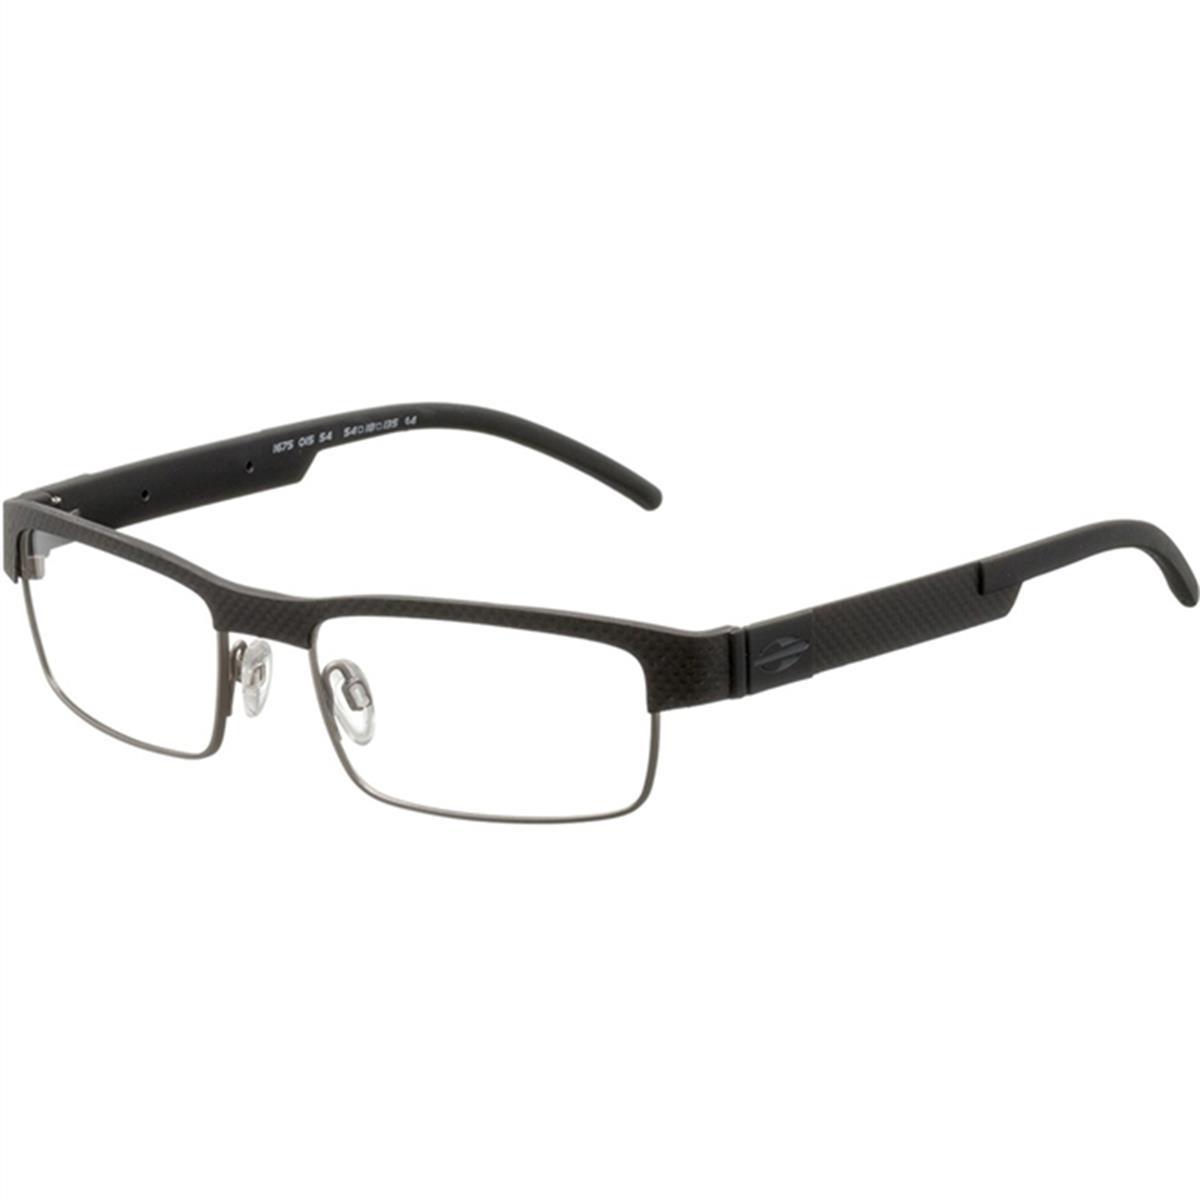 Armação para Óculos Preto Titanium MO1675 Mormaii 732d8b5fbc